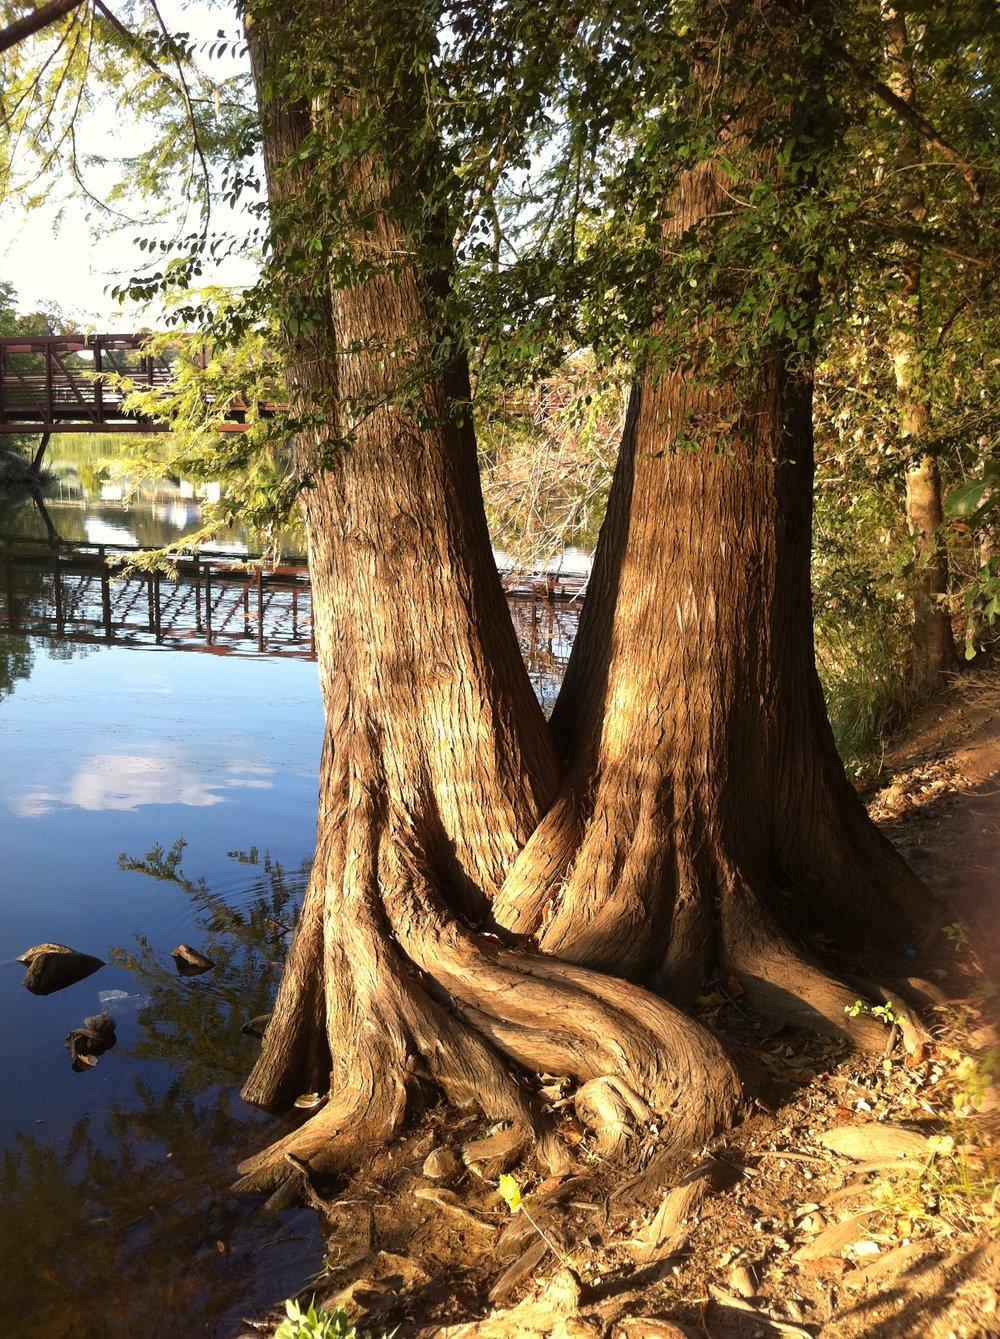 Image 7 - Austin Town Lake Trees  5-16-13.jpg